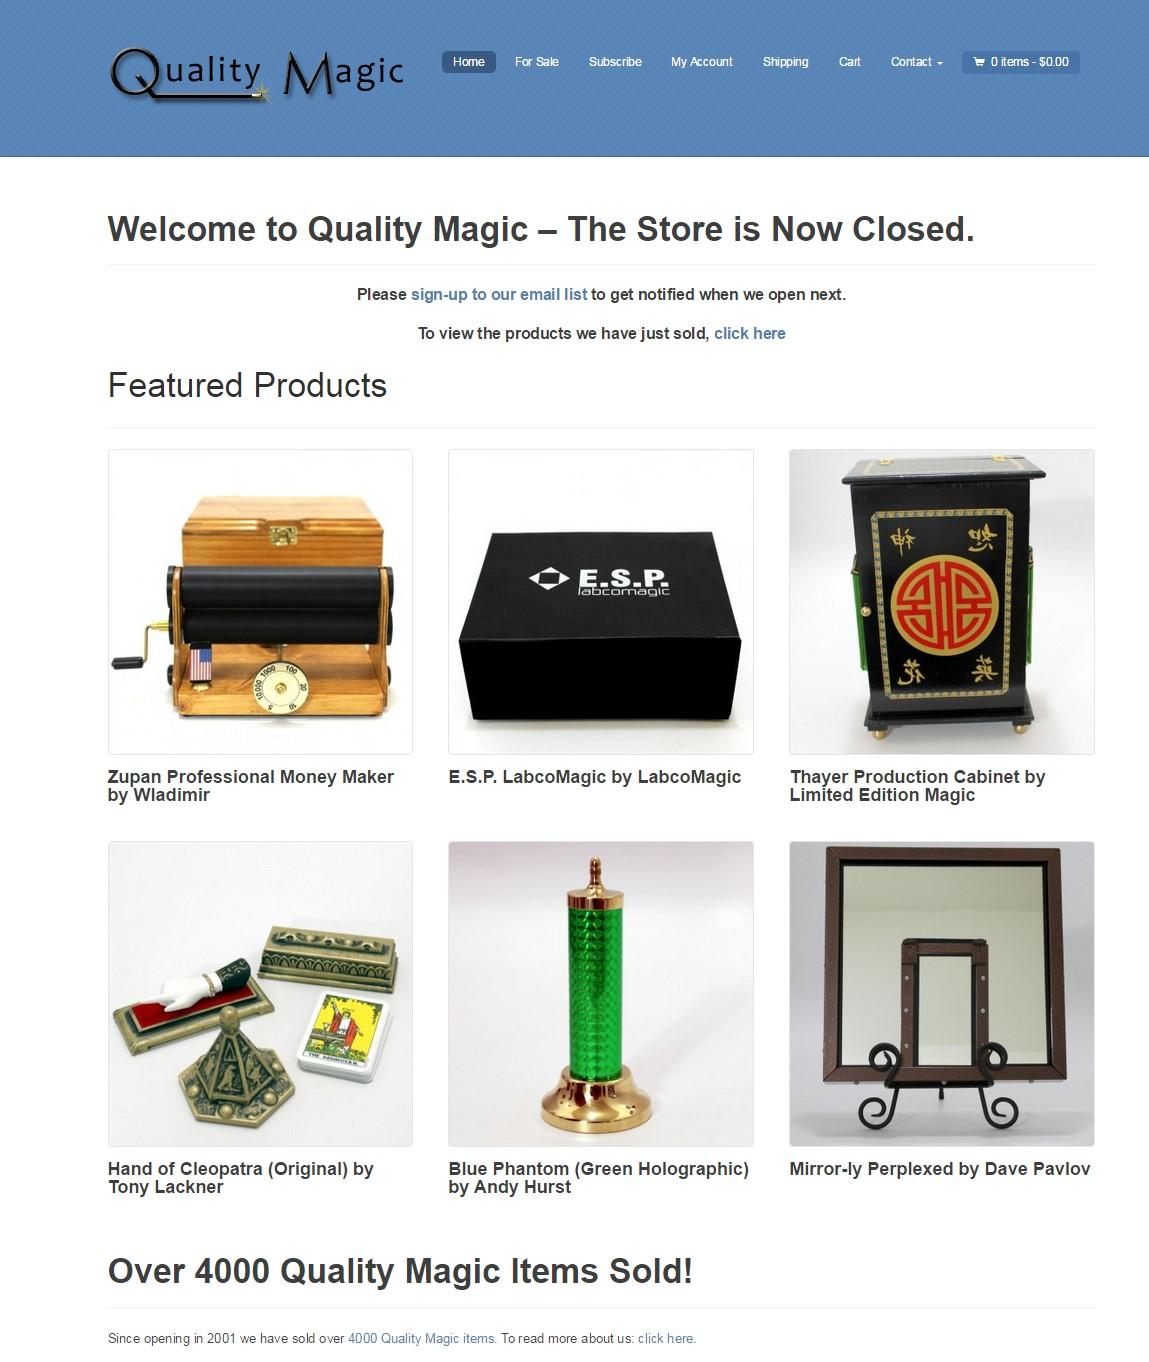 Quality Magic Sales